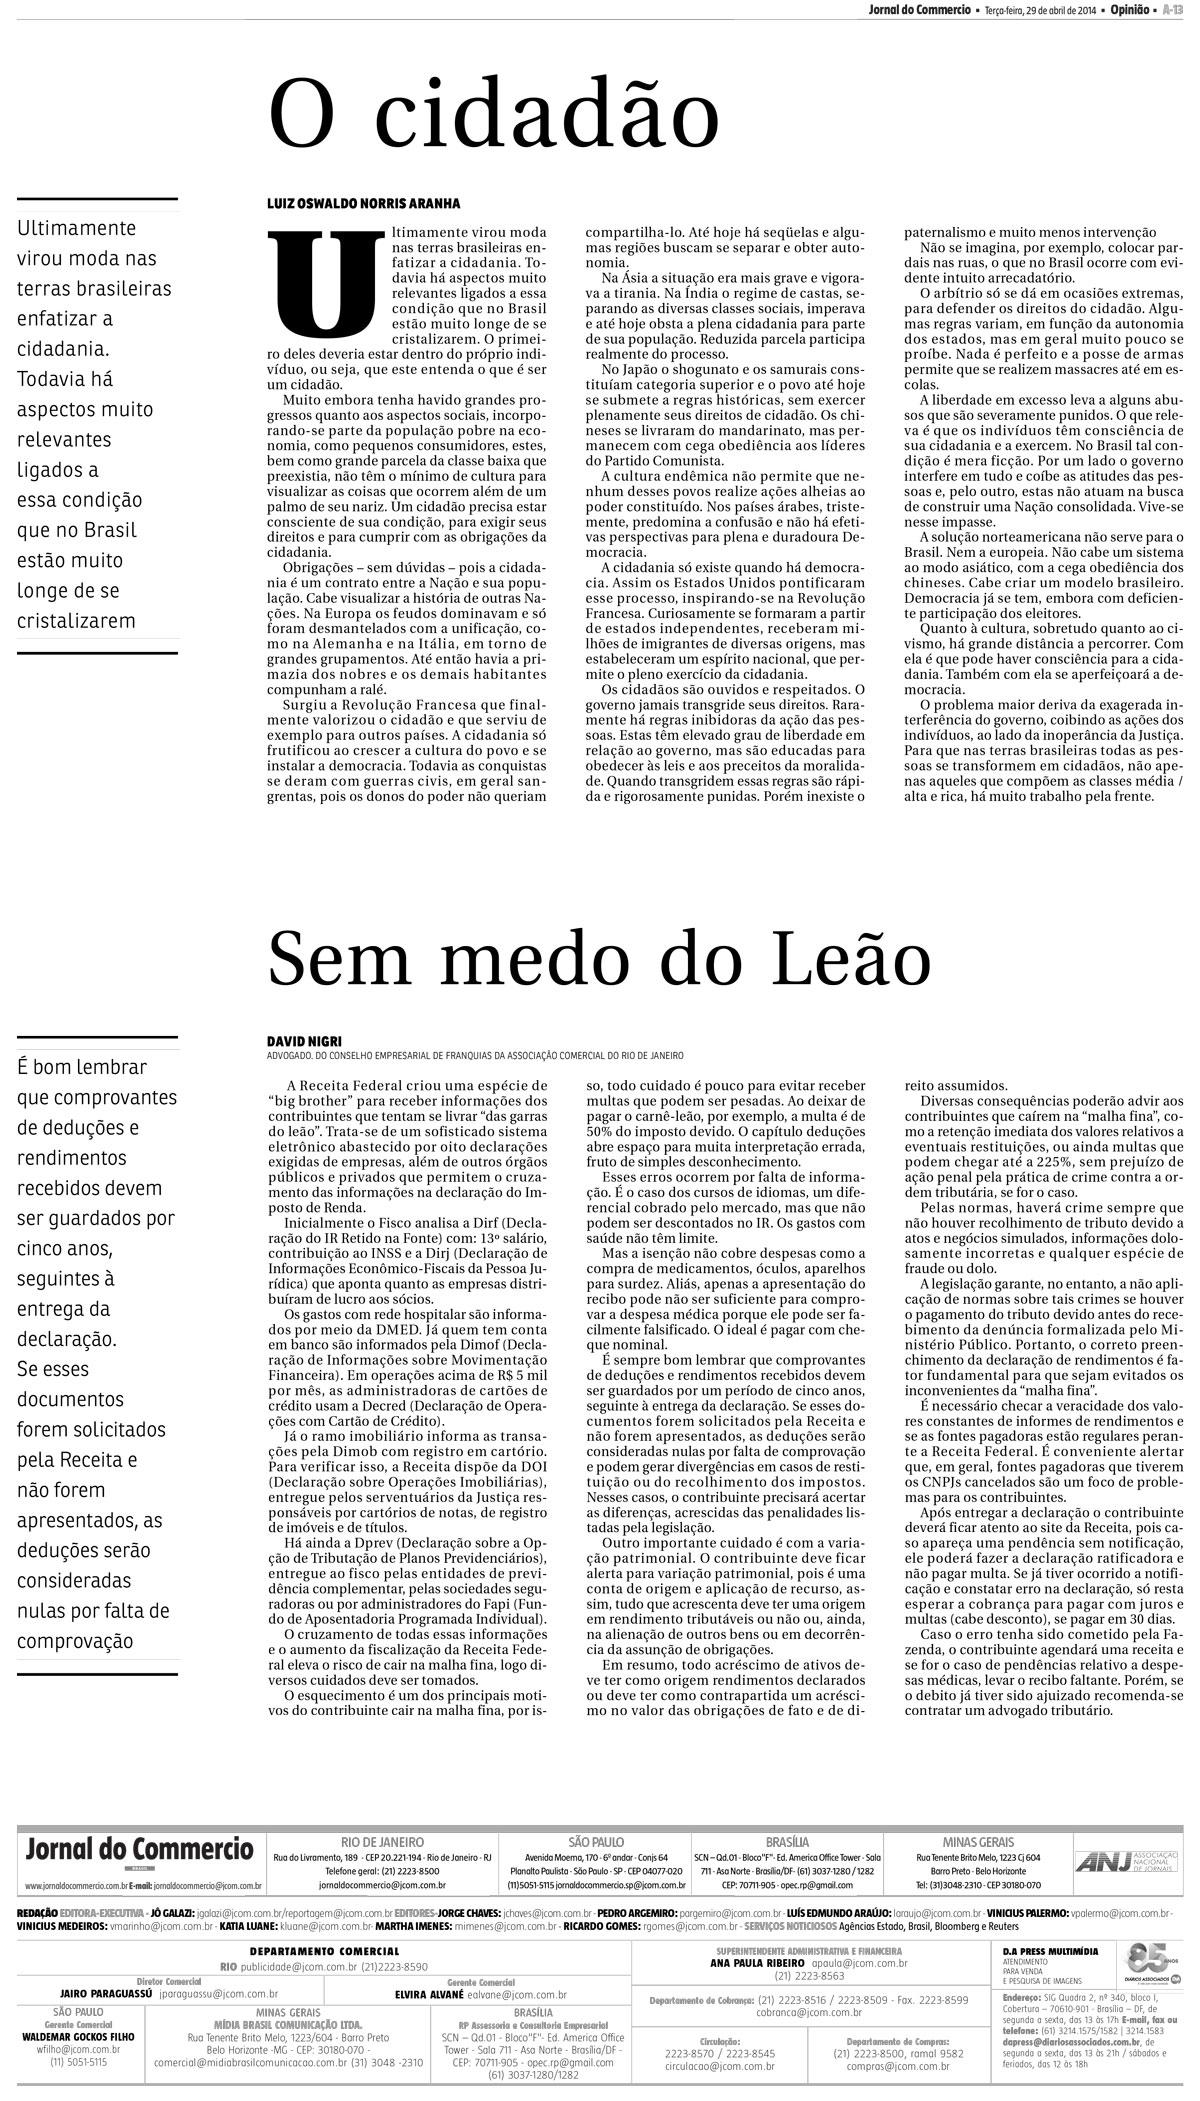 Jornal-do-Commercio-Artigo-Nigri-IR